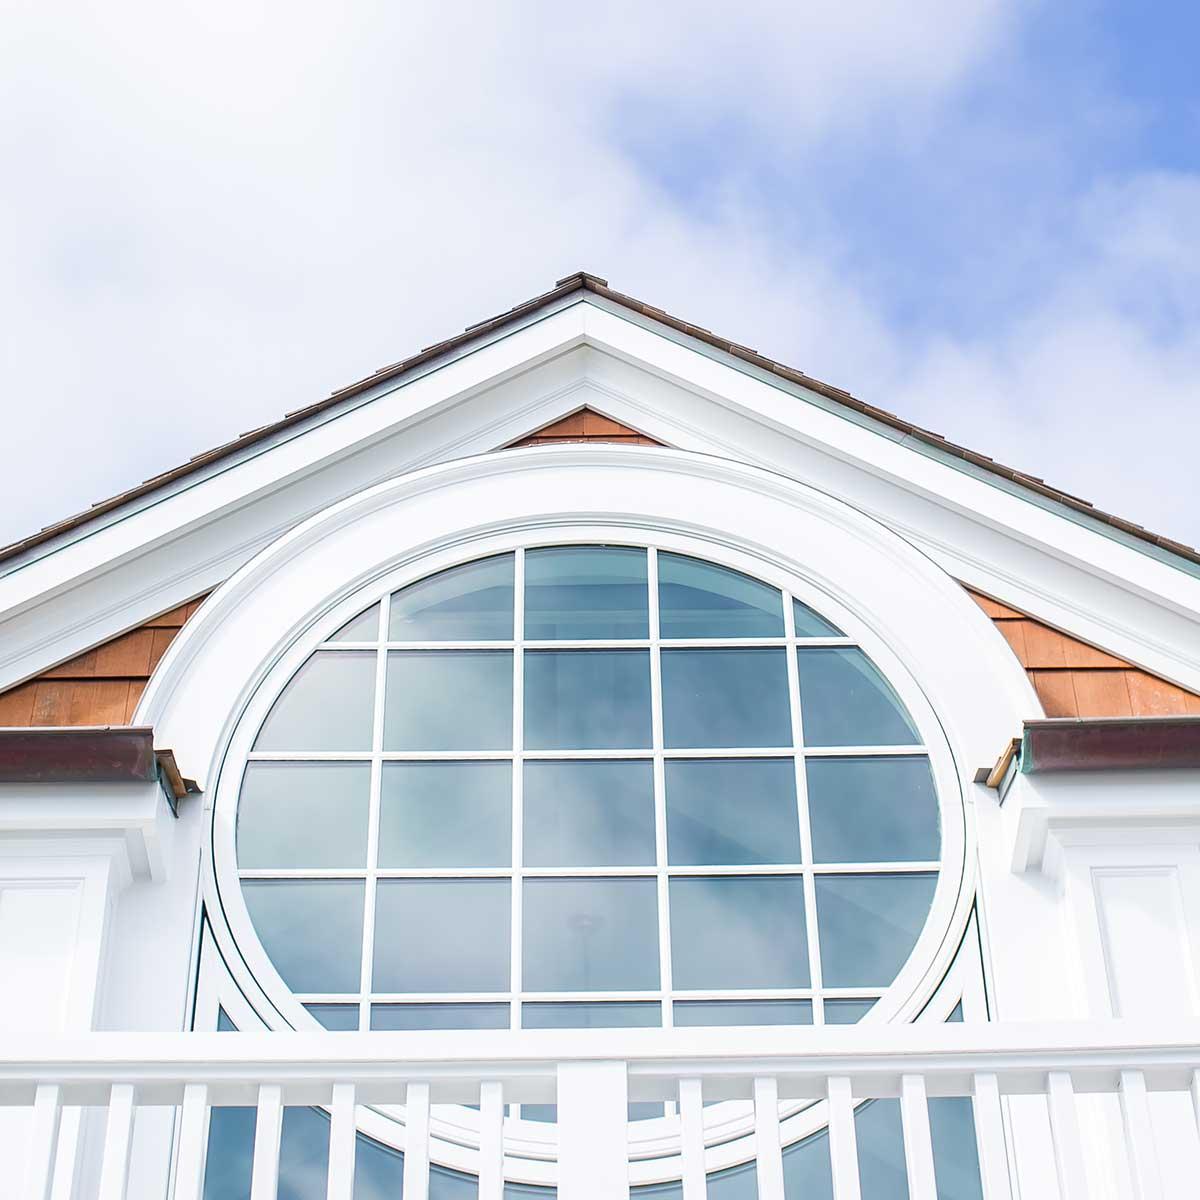 ocean-eastern-searboard-exterior-roofline